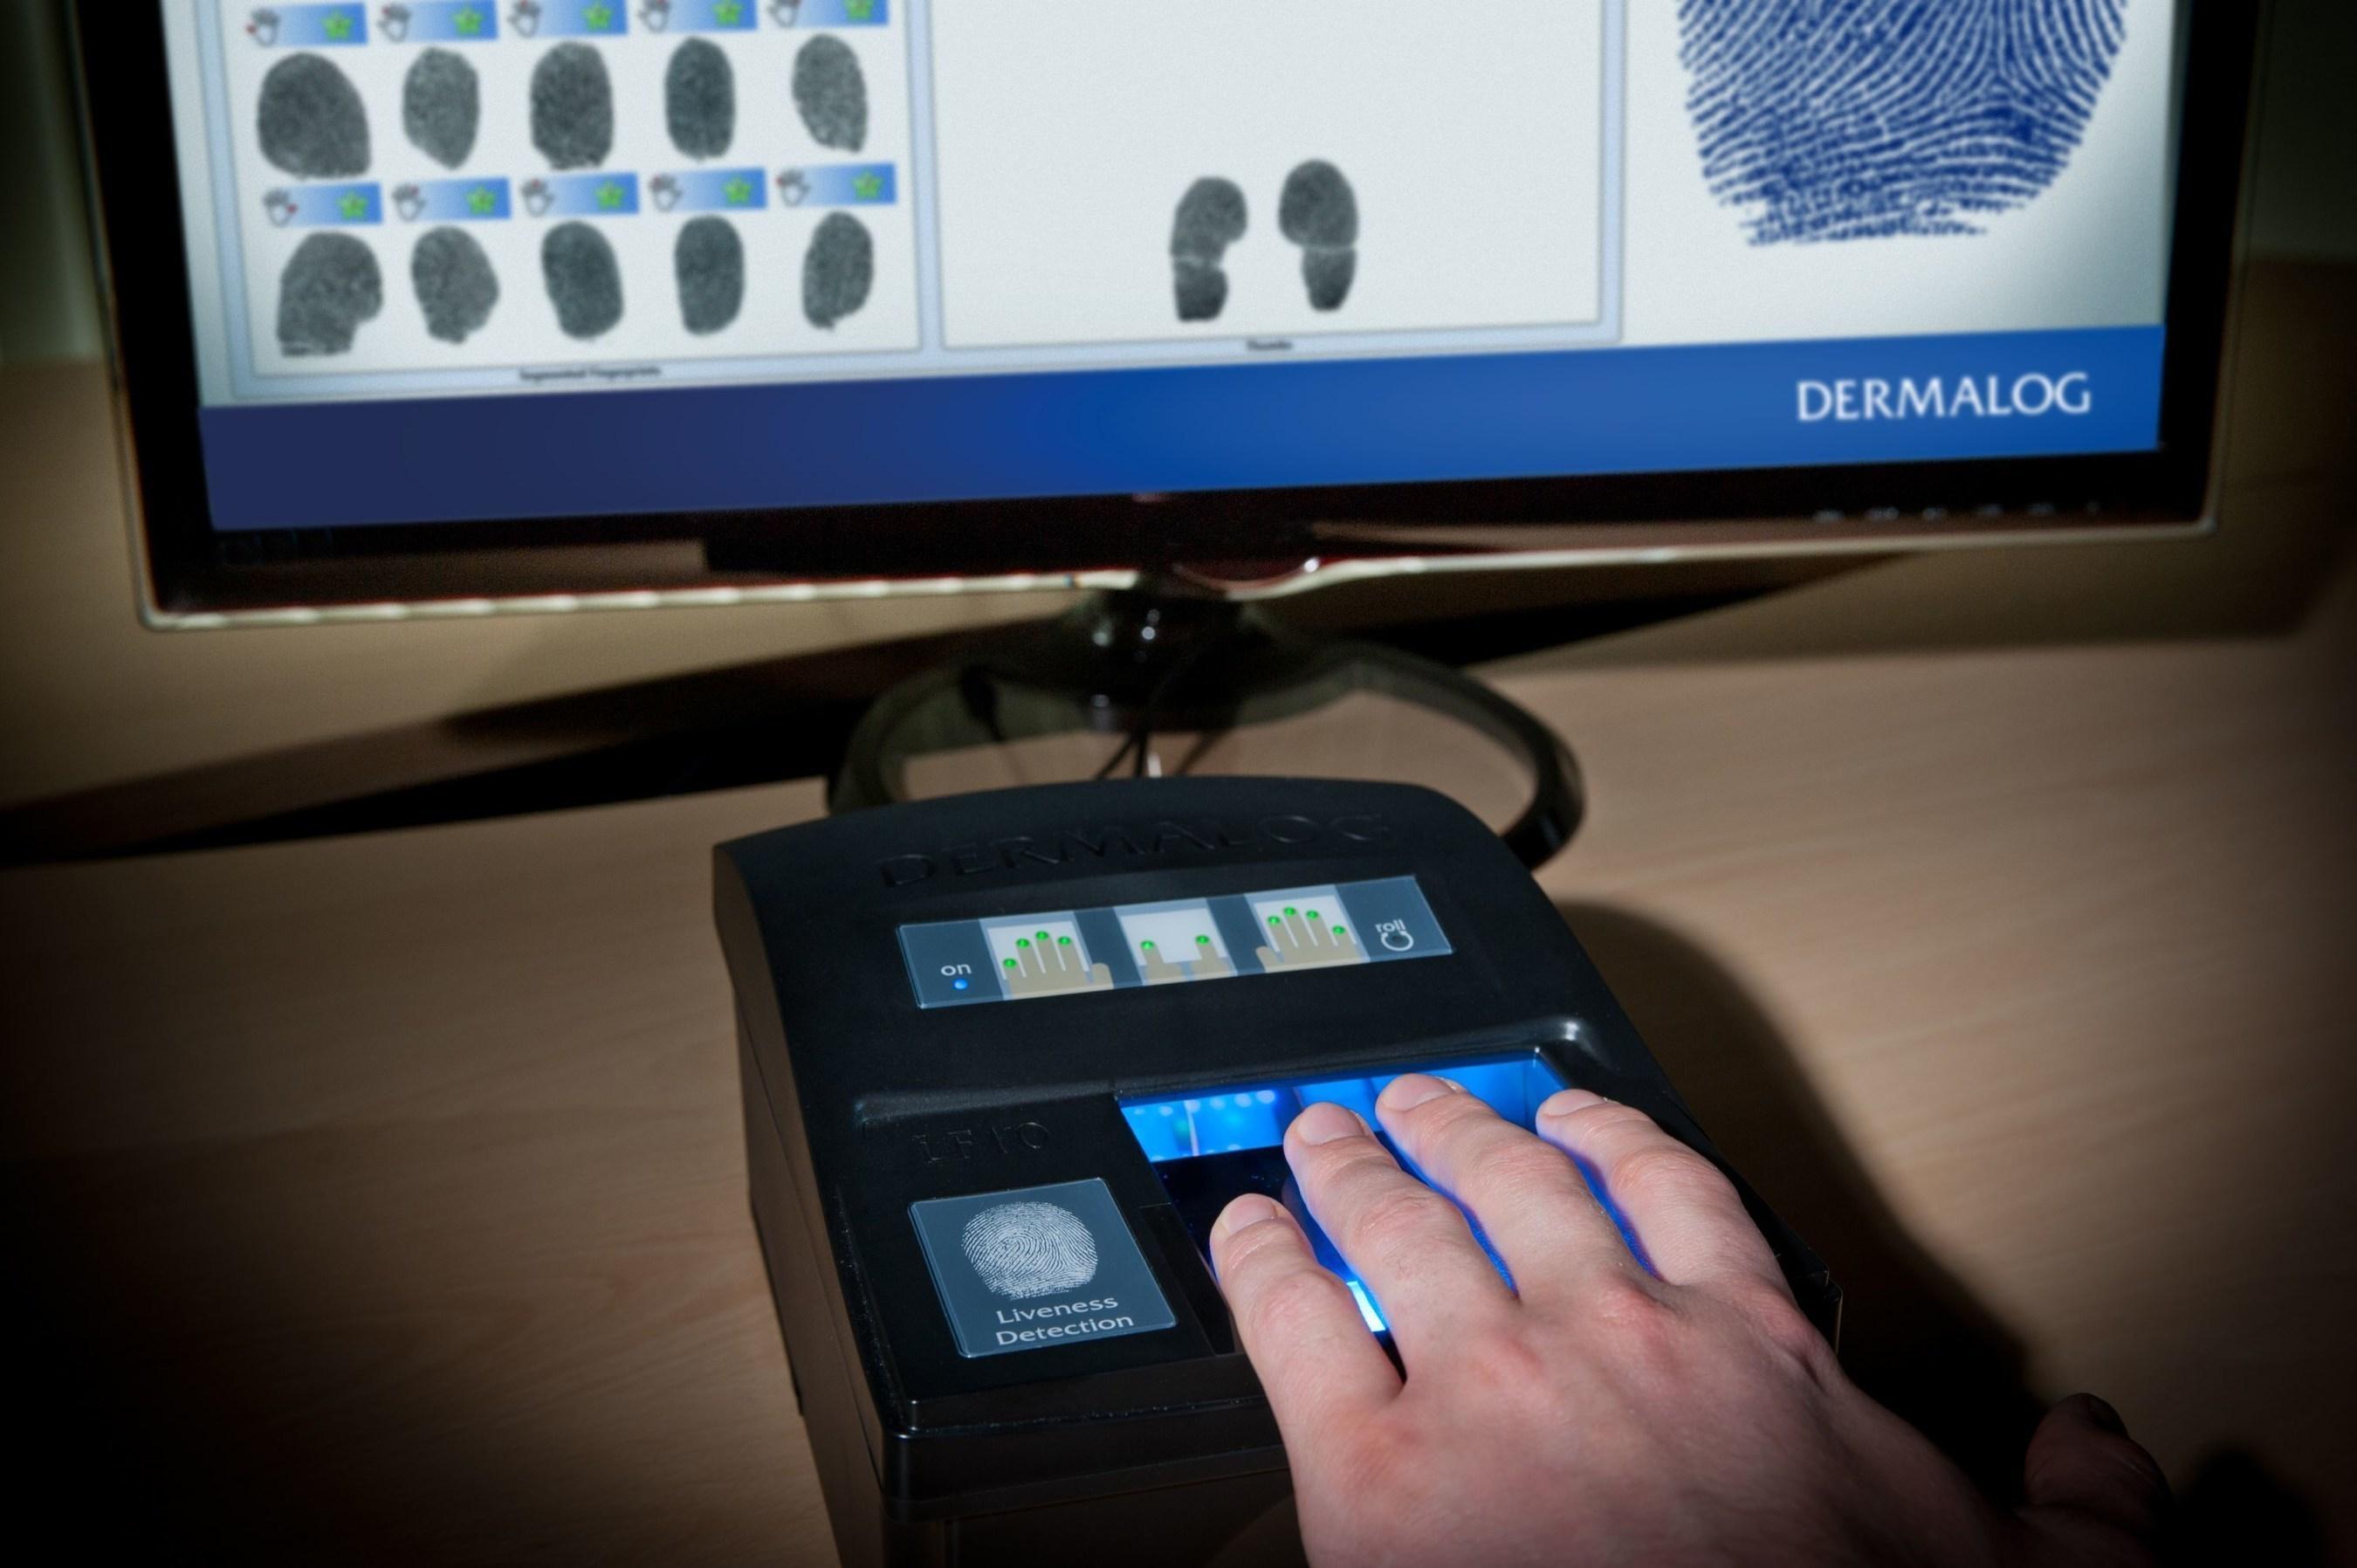 DERMALOG fornece scanners de impressão digital para registro de refugiados na Alemanha